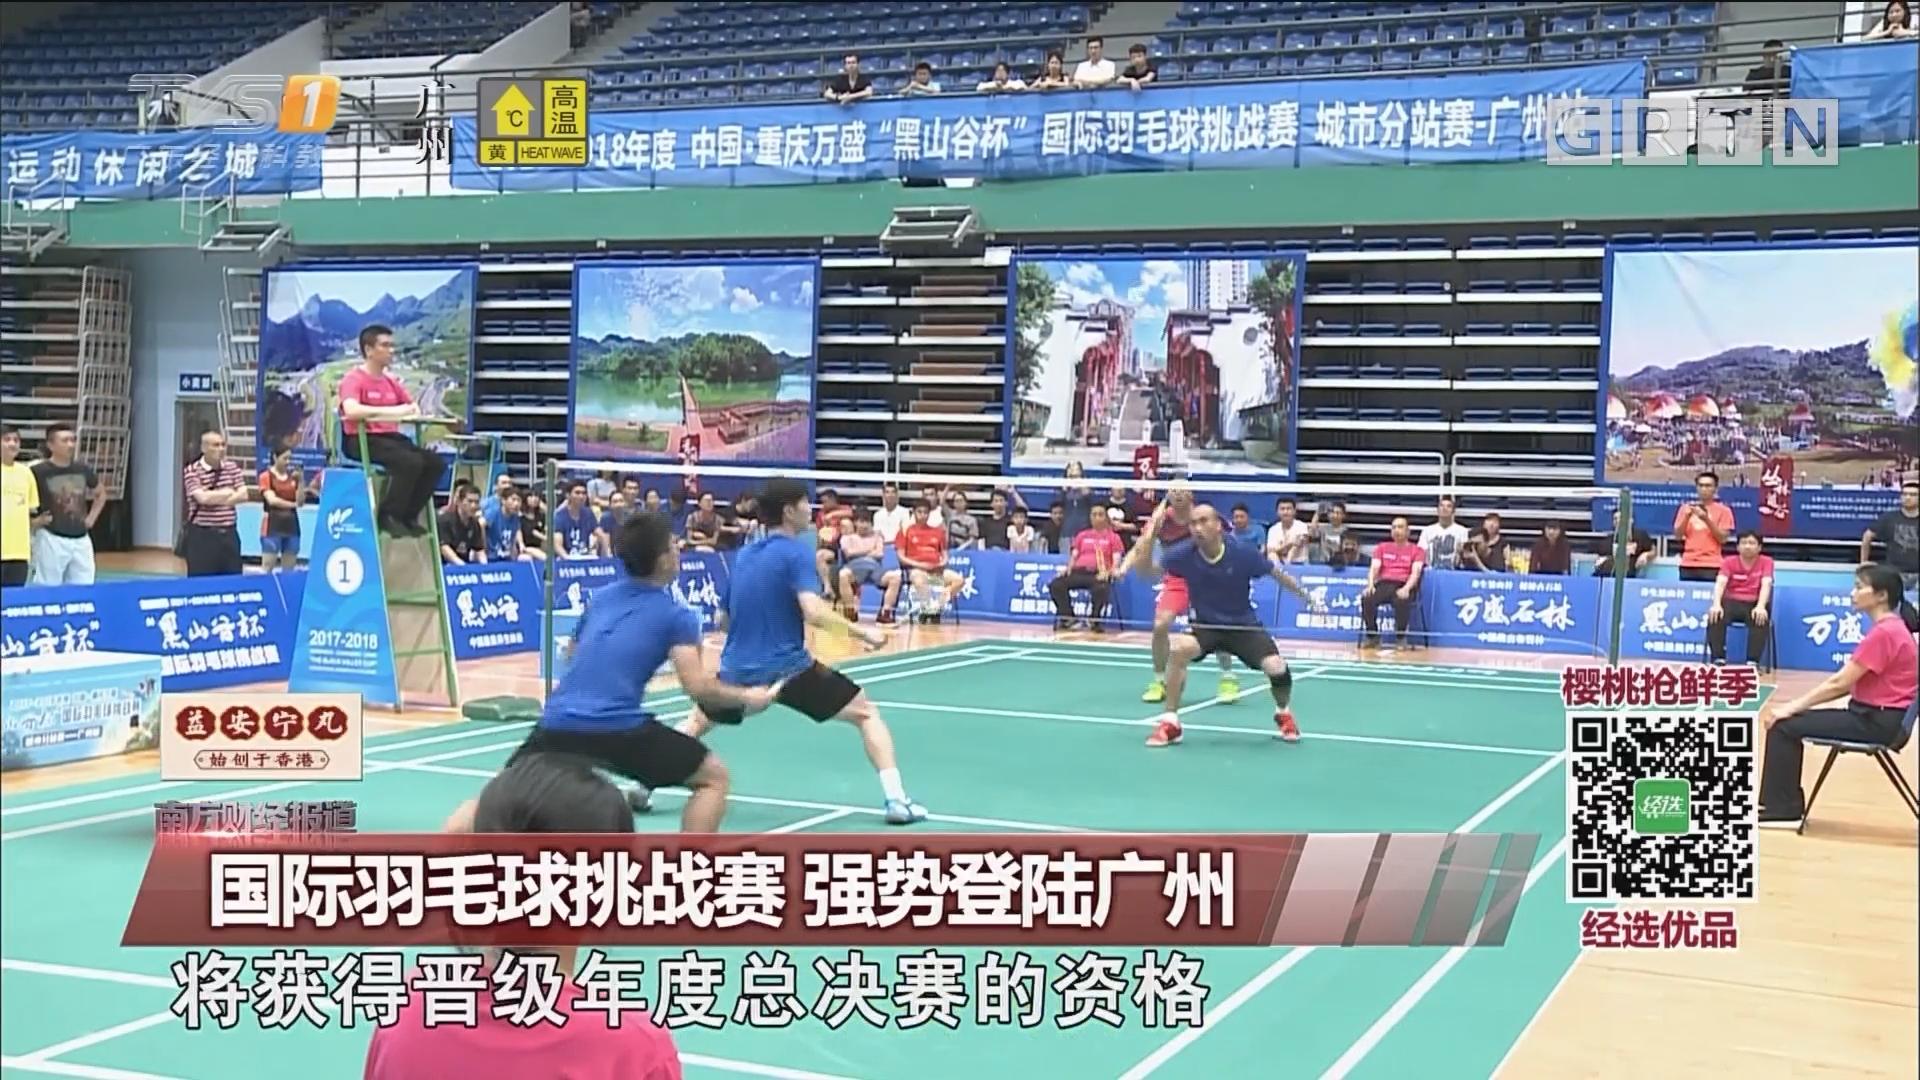 国际羽毛球挑战赛 强势登陆广州